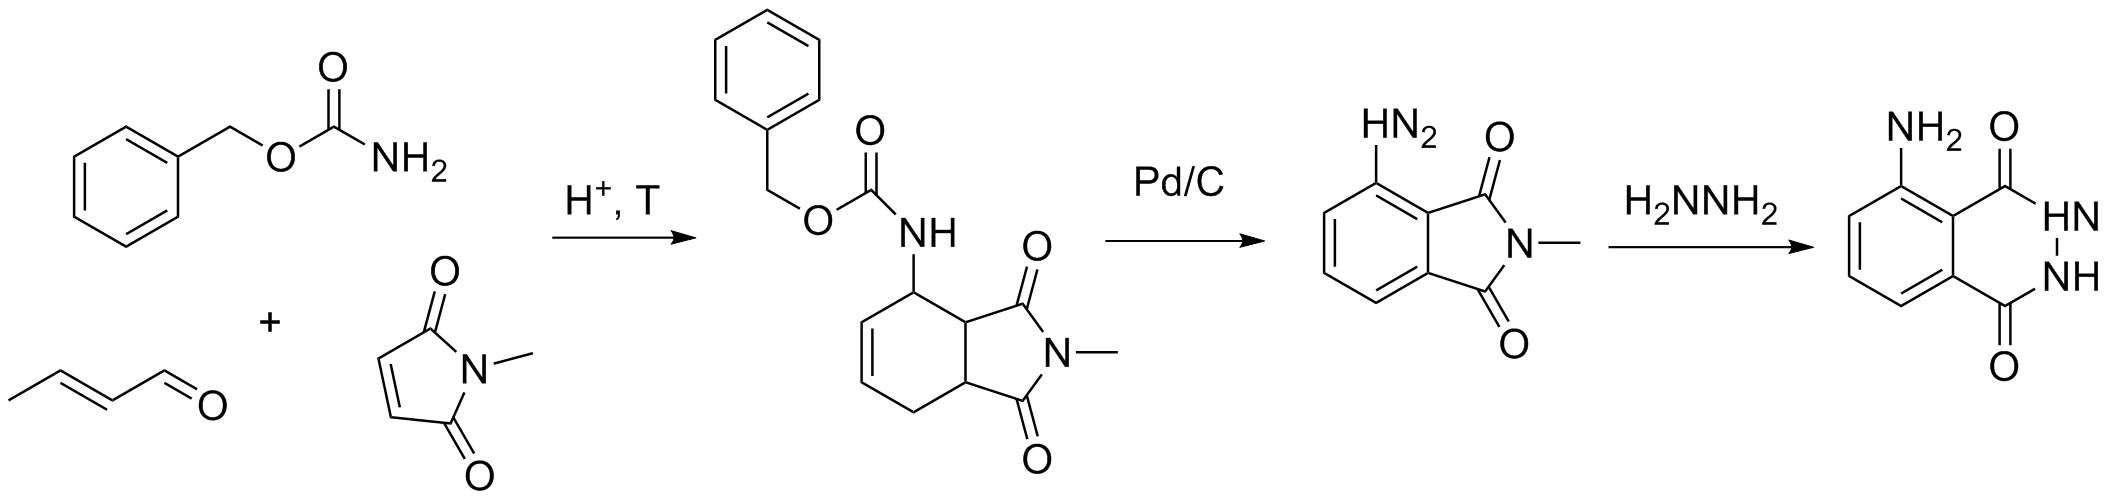 katalysator chemie beispiel